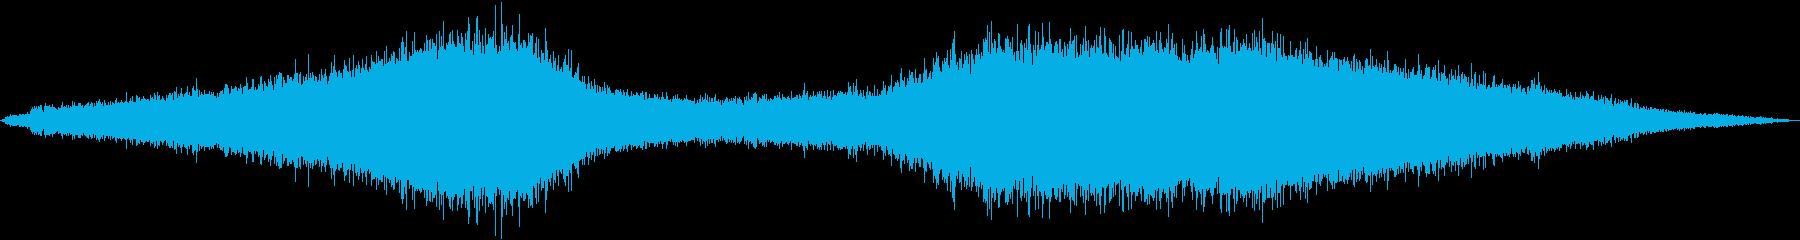 フランジフライの再生済みの波形